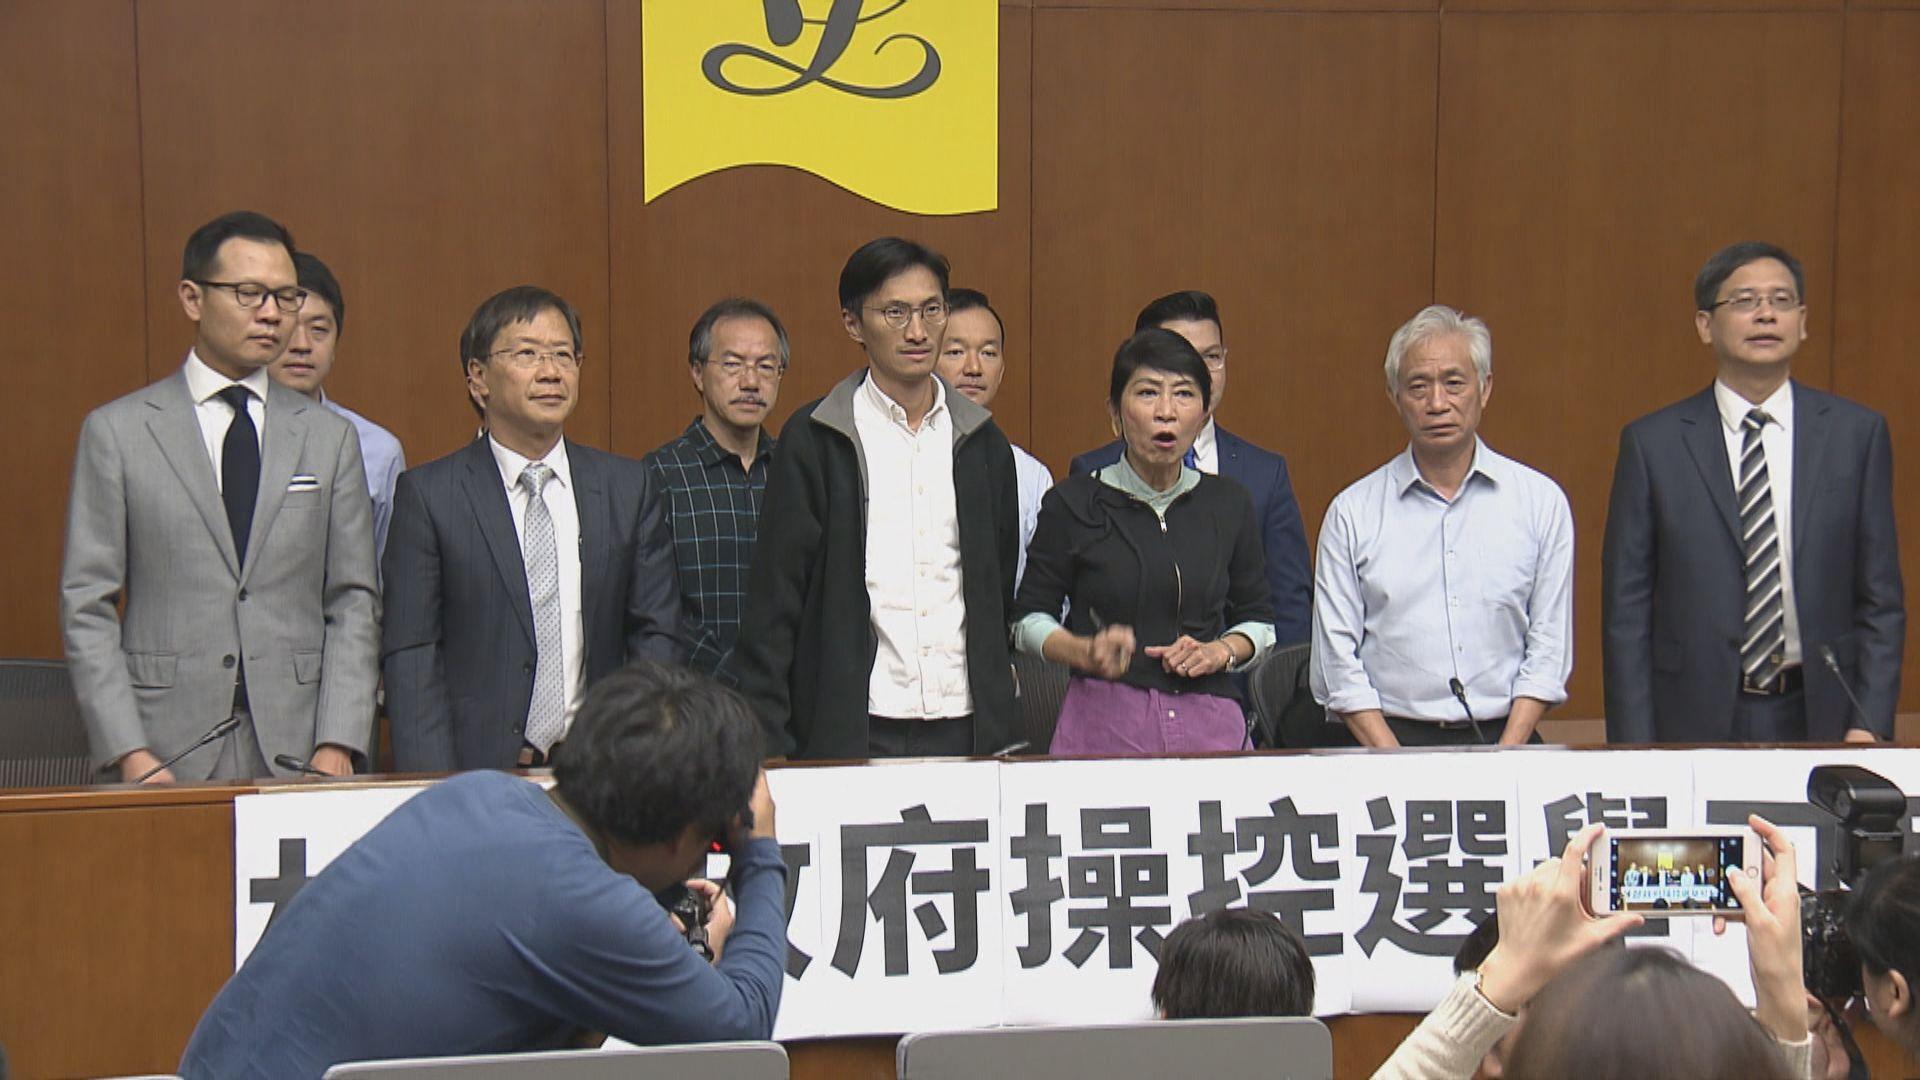 朱凱廸提名無效 24名民主派議員聯署譴責